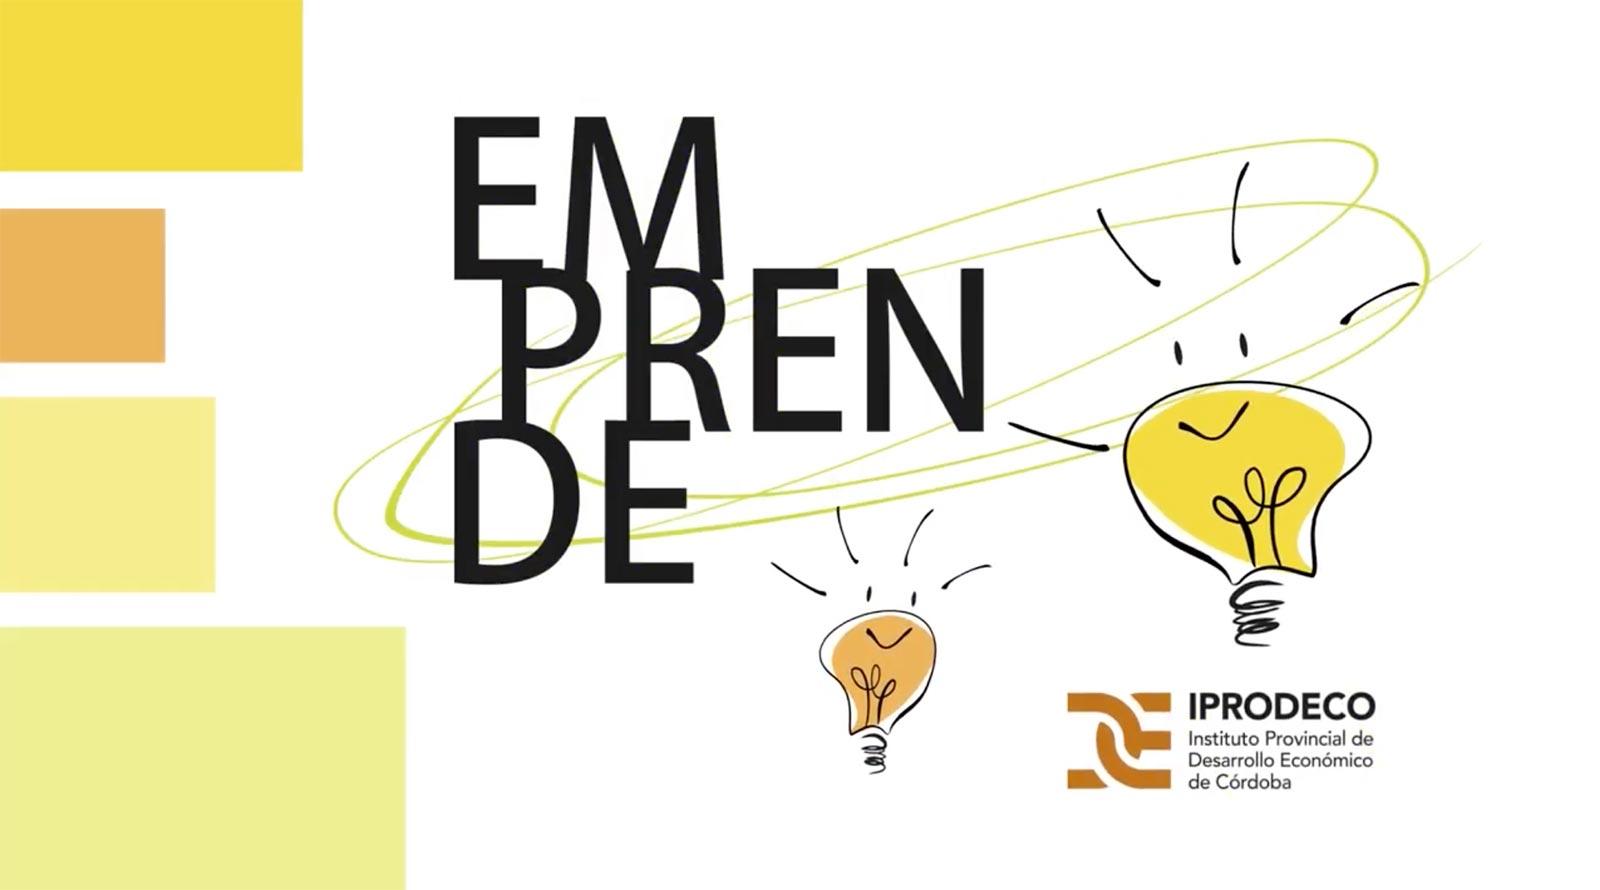 iprodeco córdoba programa emprende 2019 Fundación Senda